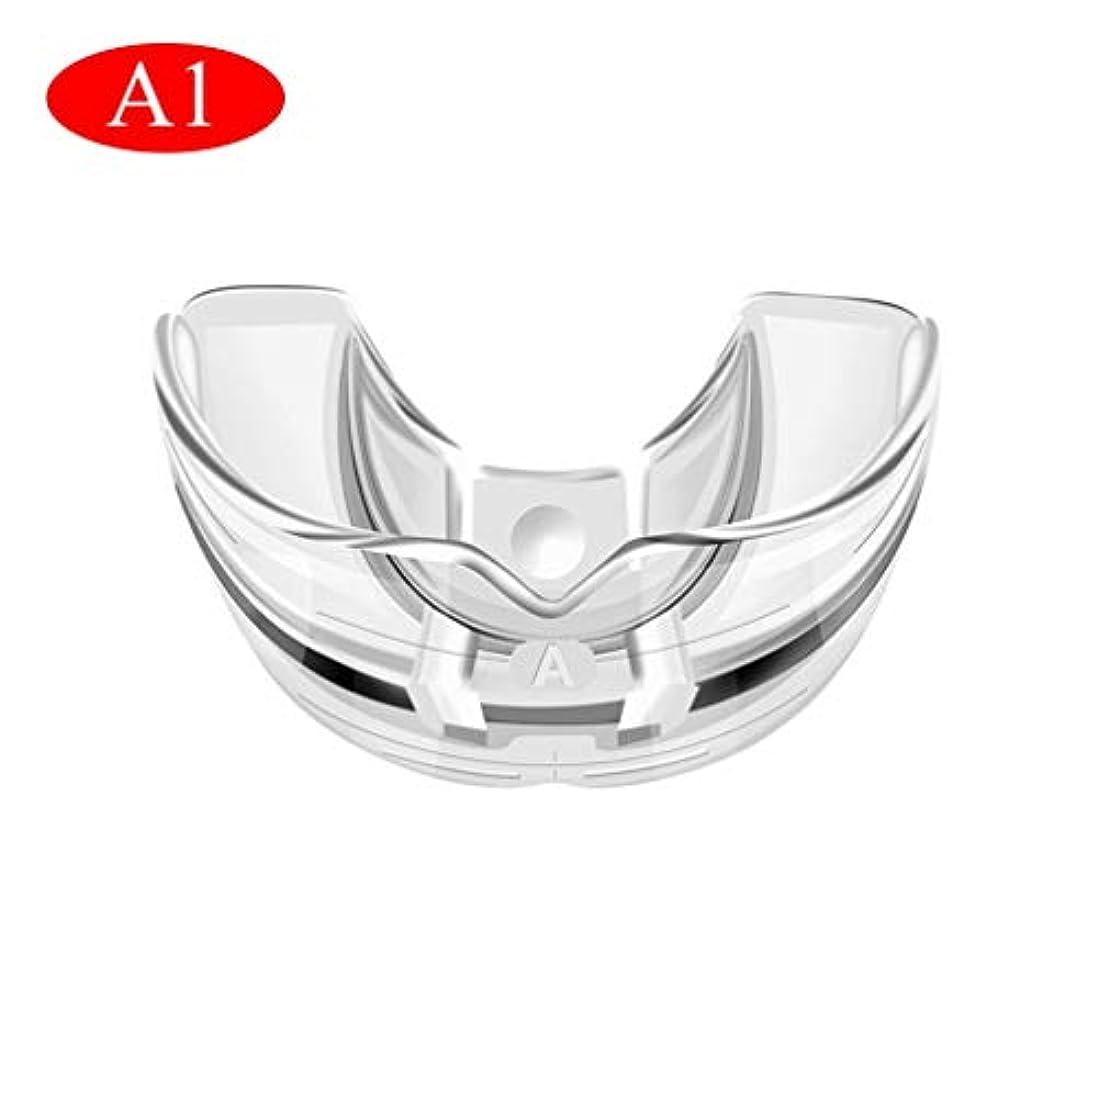 セットアップ兄扇動歯列矯正器具、歯の状態に応じた3段階/透明で柔らかい、そして硬い歯科用マウスガード歯列矯正器具(透明)